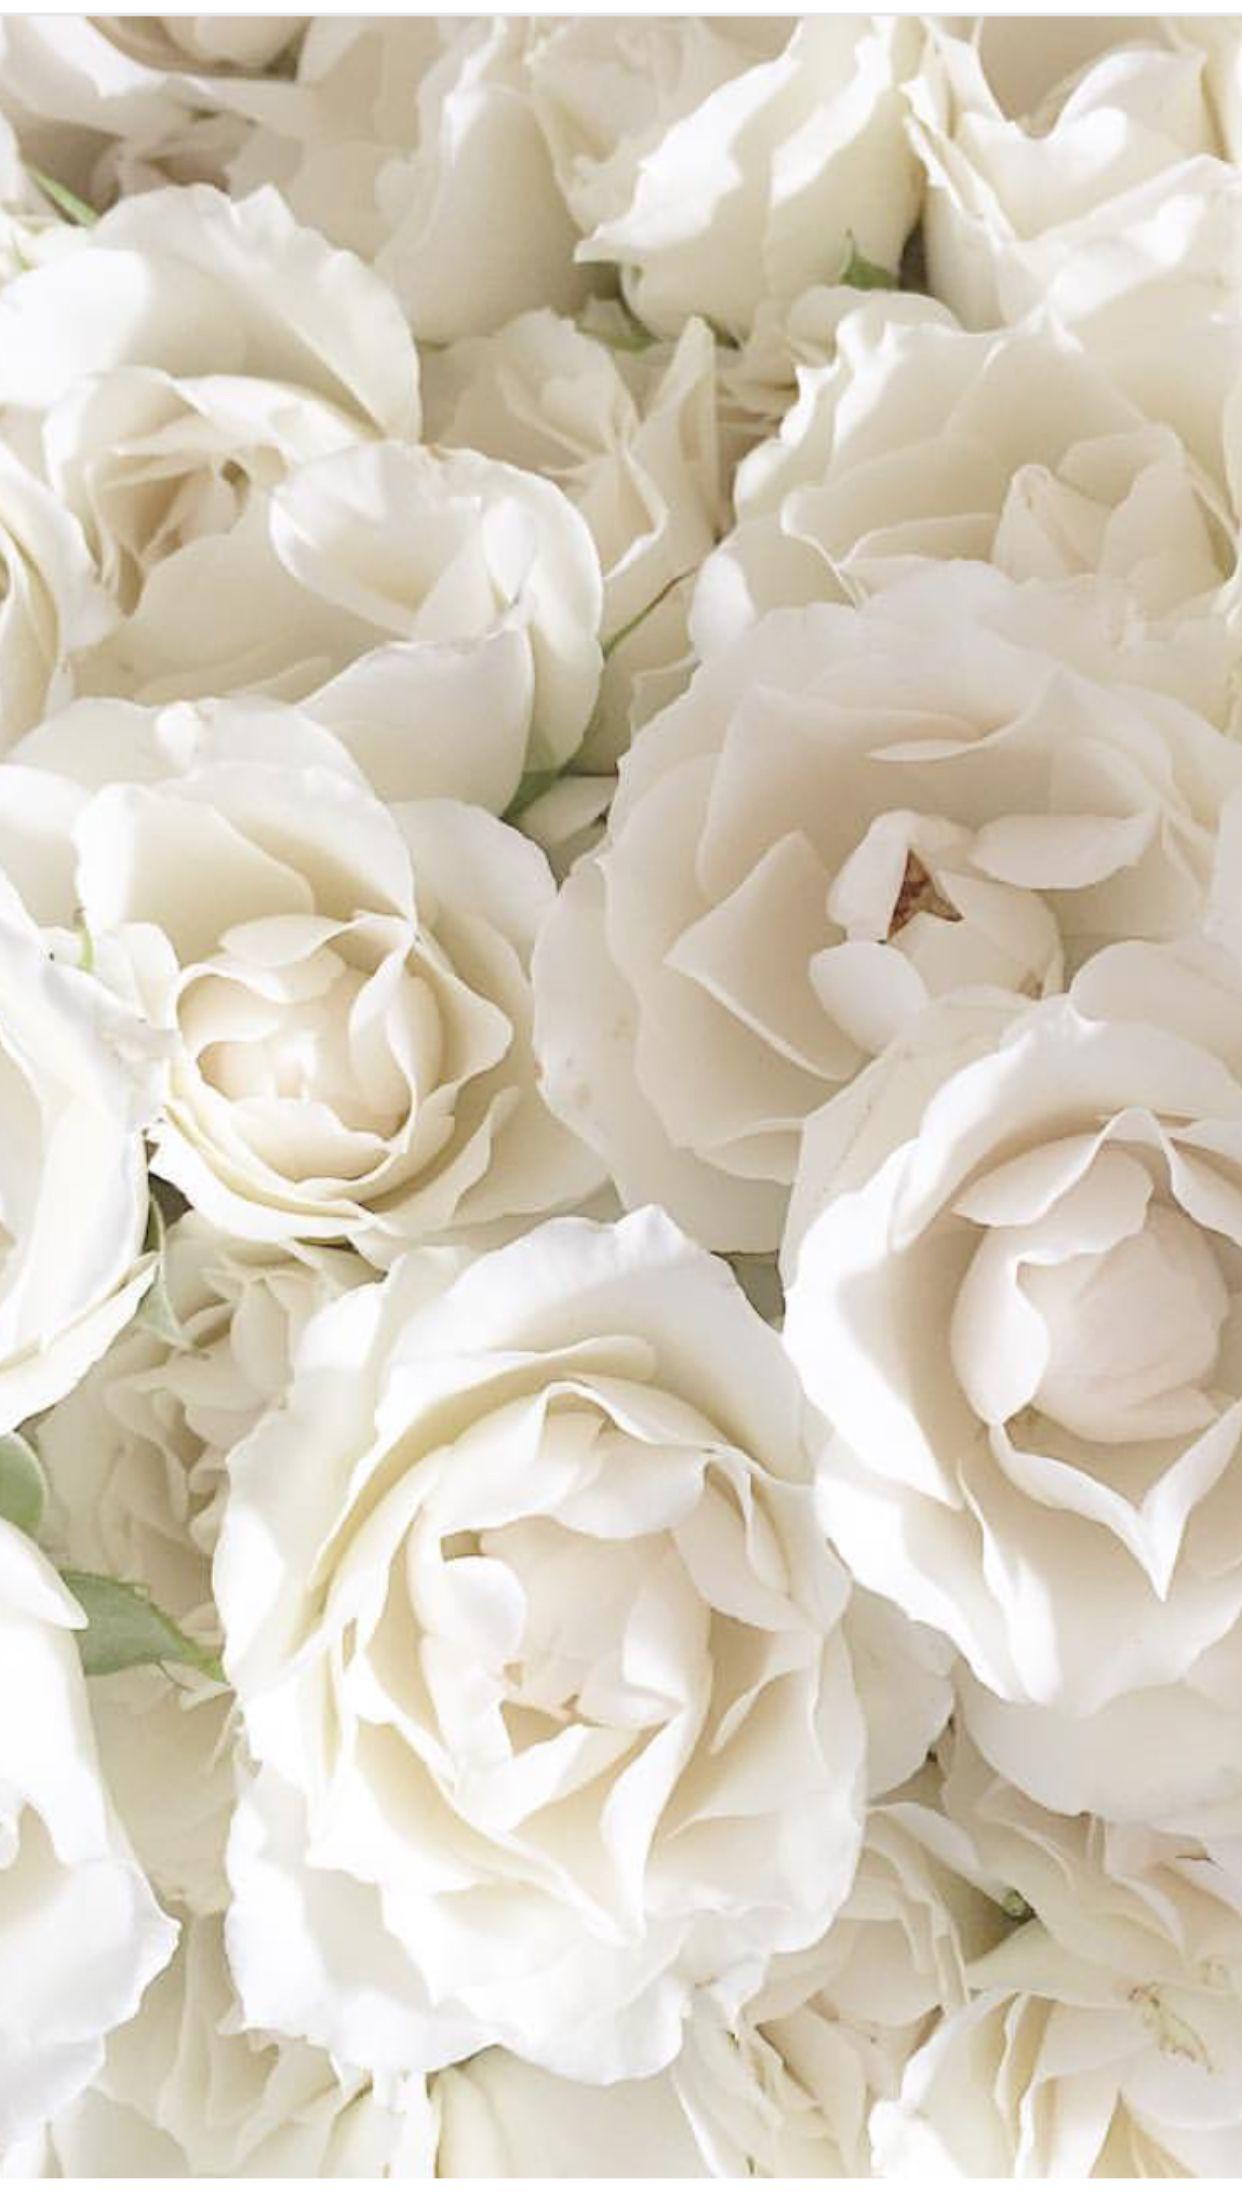 White Flower Aesthetic Background